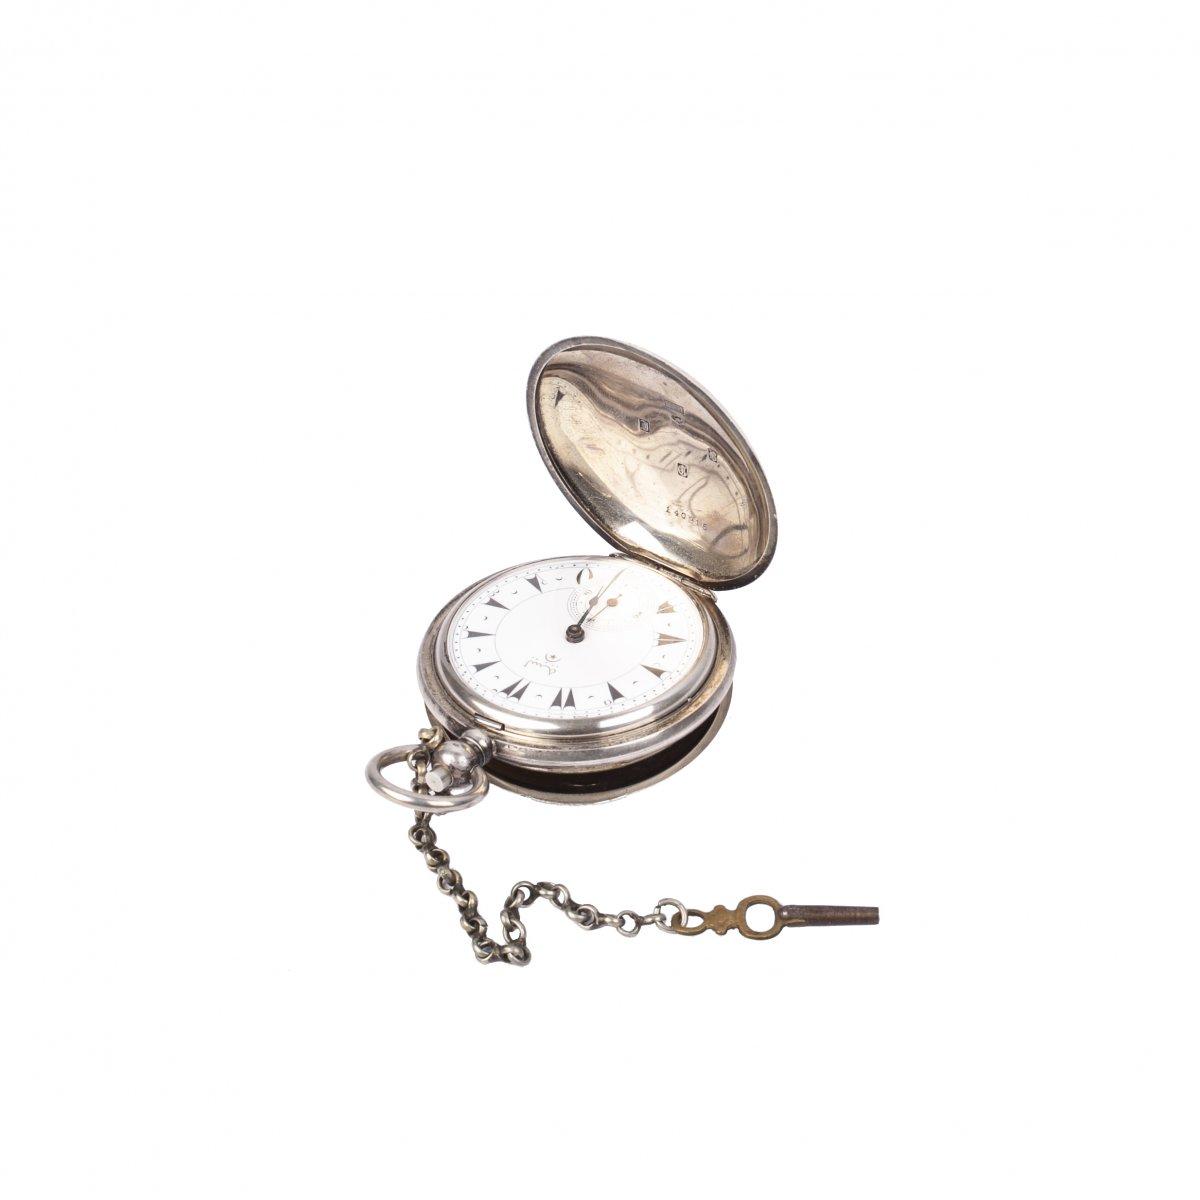 Turkish Silver Pocket Watch